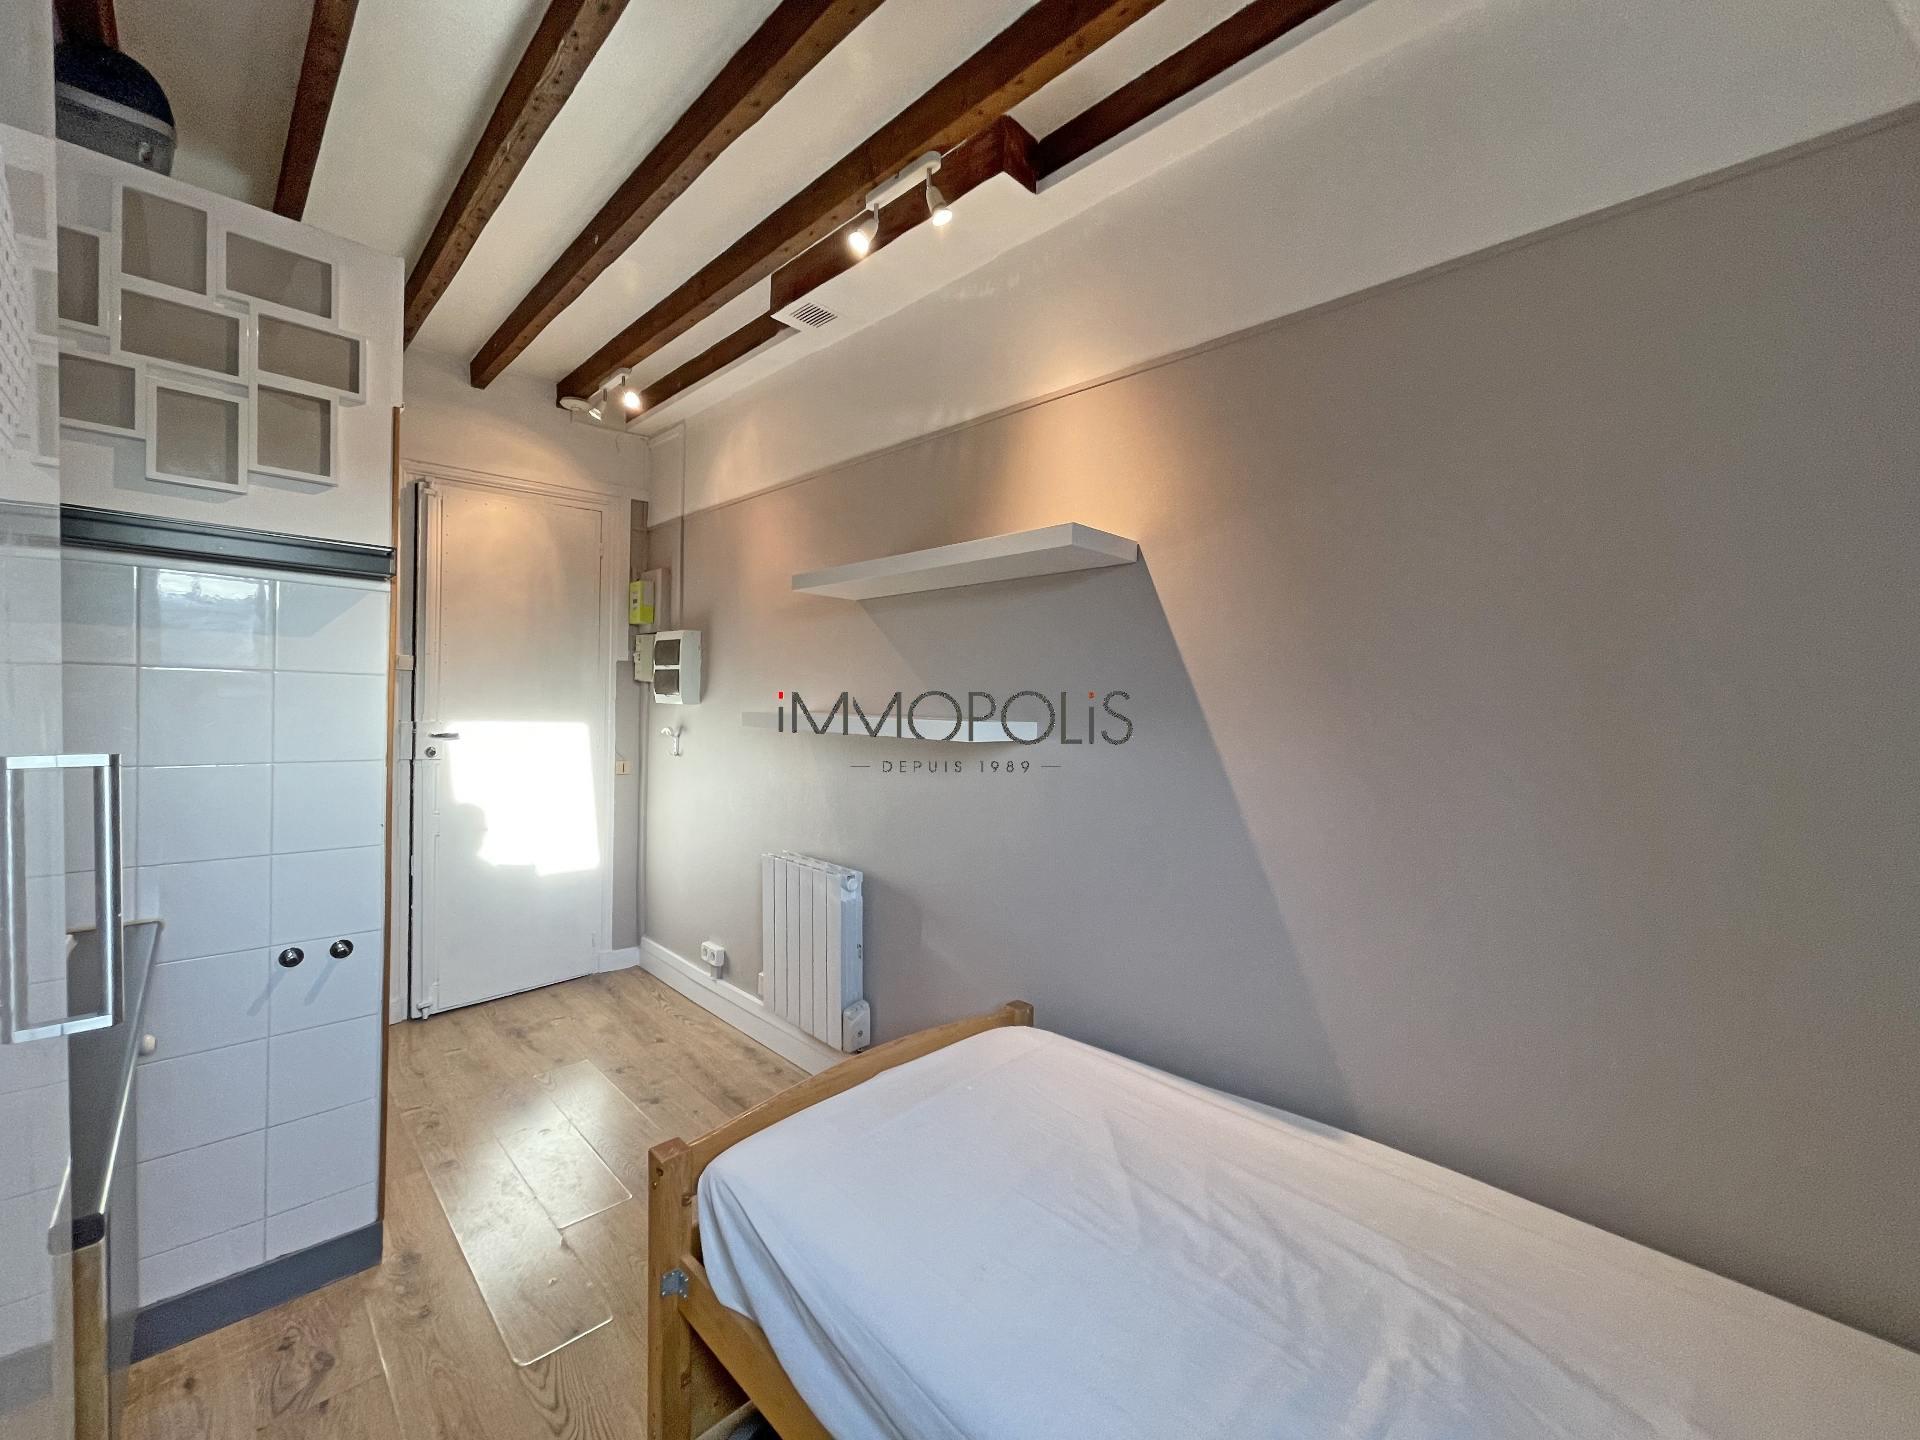 Quartier Europe (rue Clapeyron dans le 8ème arrondissement), studio louable légalement de 9,88 M² loi Carrez situé dans un magnifique immeuble bien entretenu 7